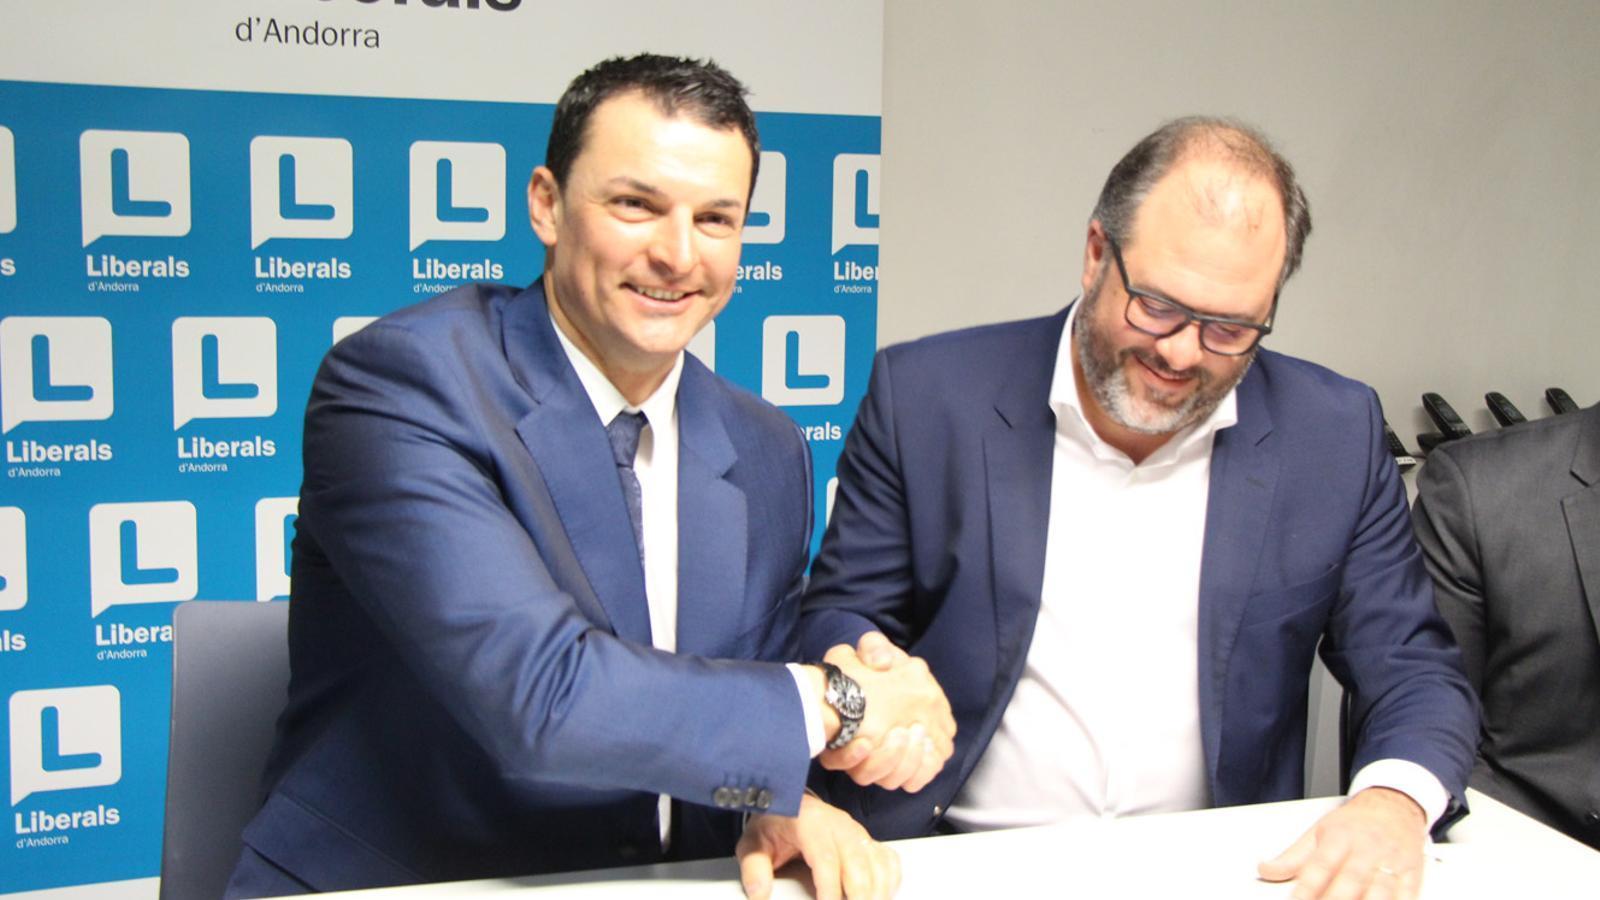 El president de Liberals d'Andorra, Jordi Gallardo, i el vicepresident d'Iniciativa Liberal, Alexandre Krauss, aquest dimarts al vespre. / E. J. M.